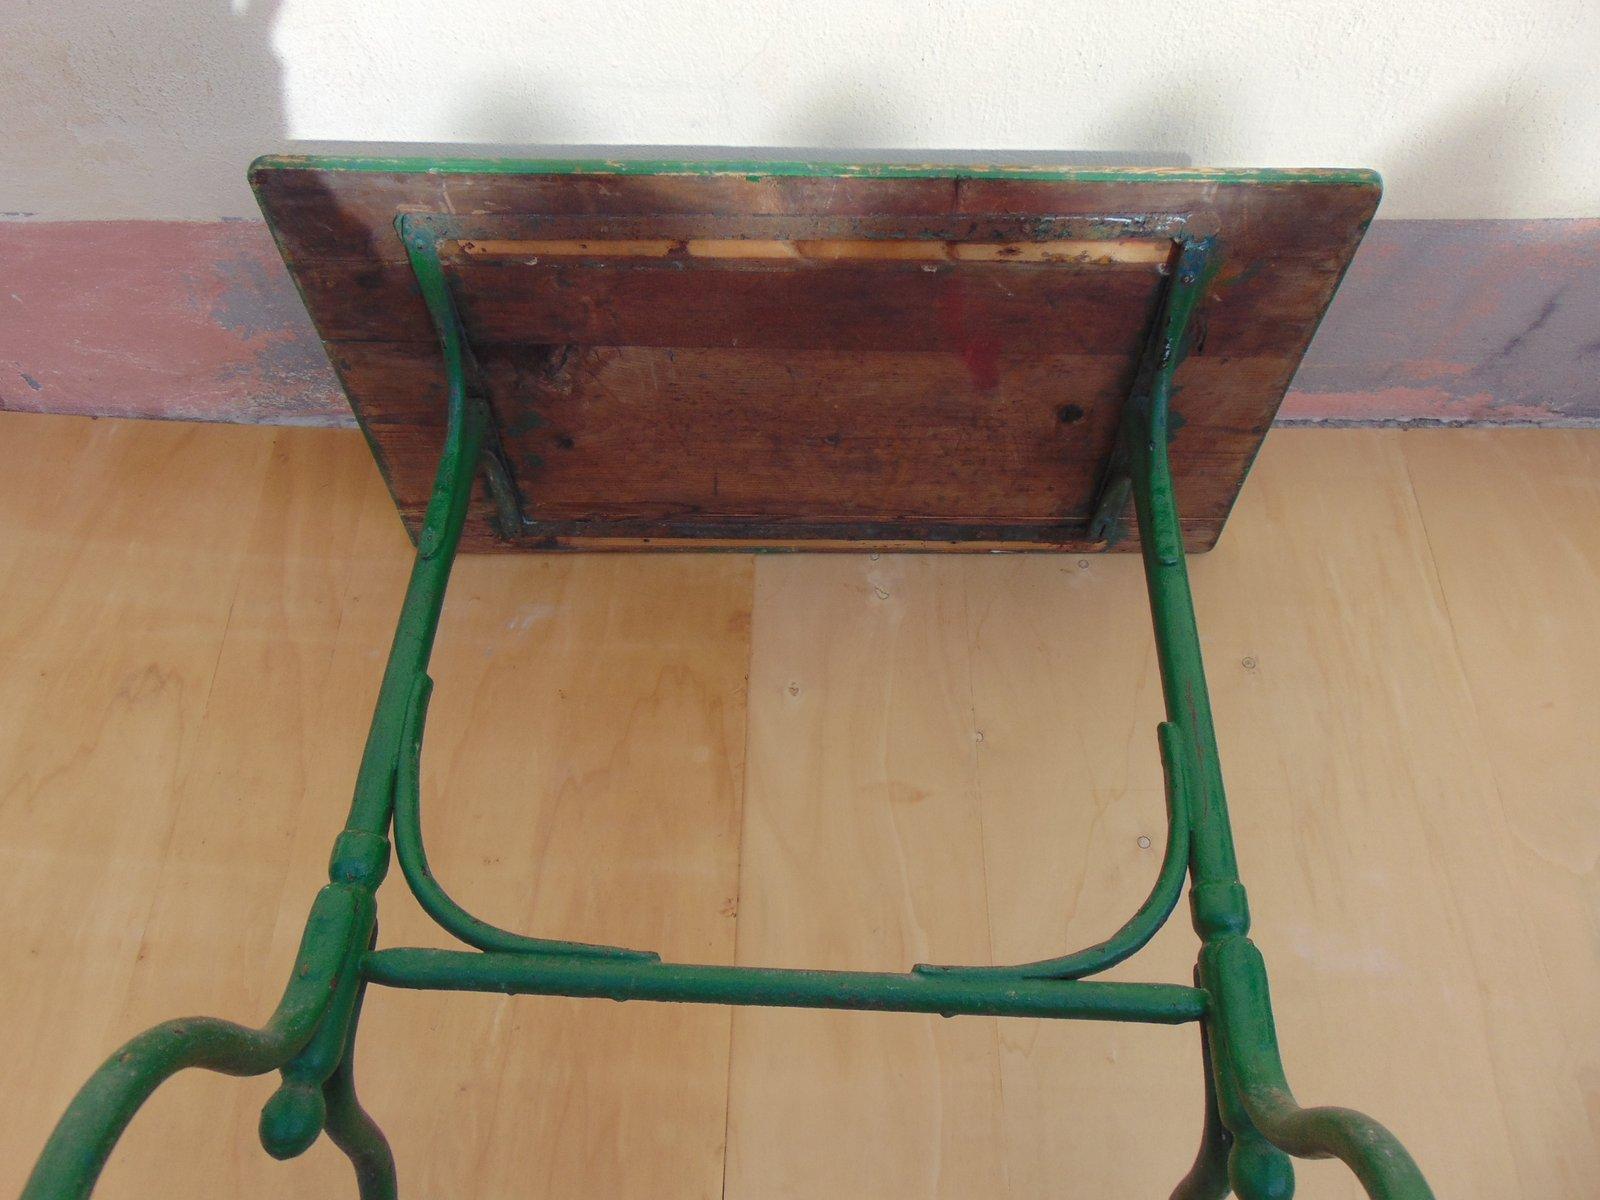 Gartentisch Holz Vintage Glastisch Rund 120 Cm Free Gartentisch